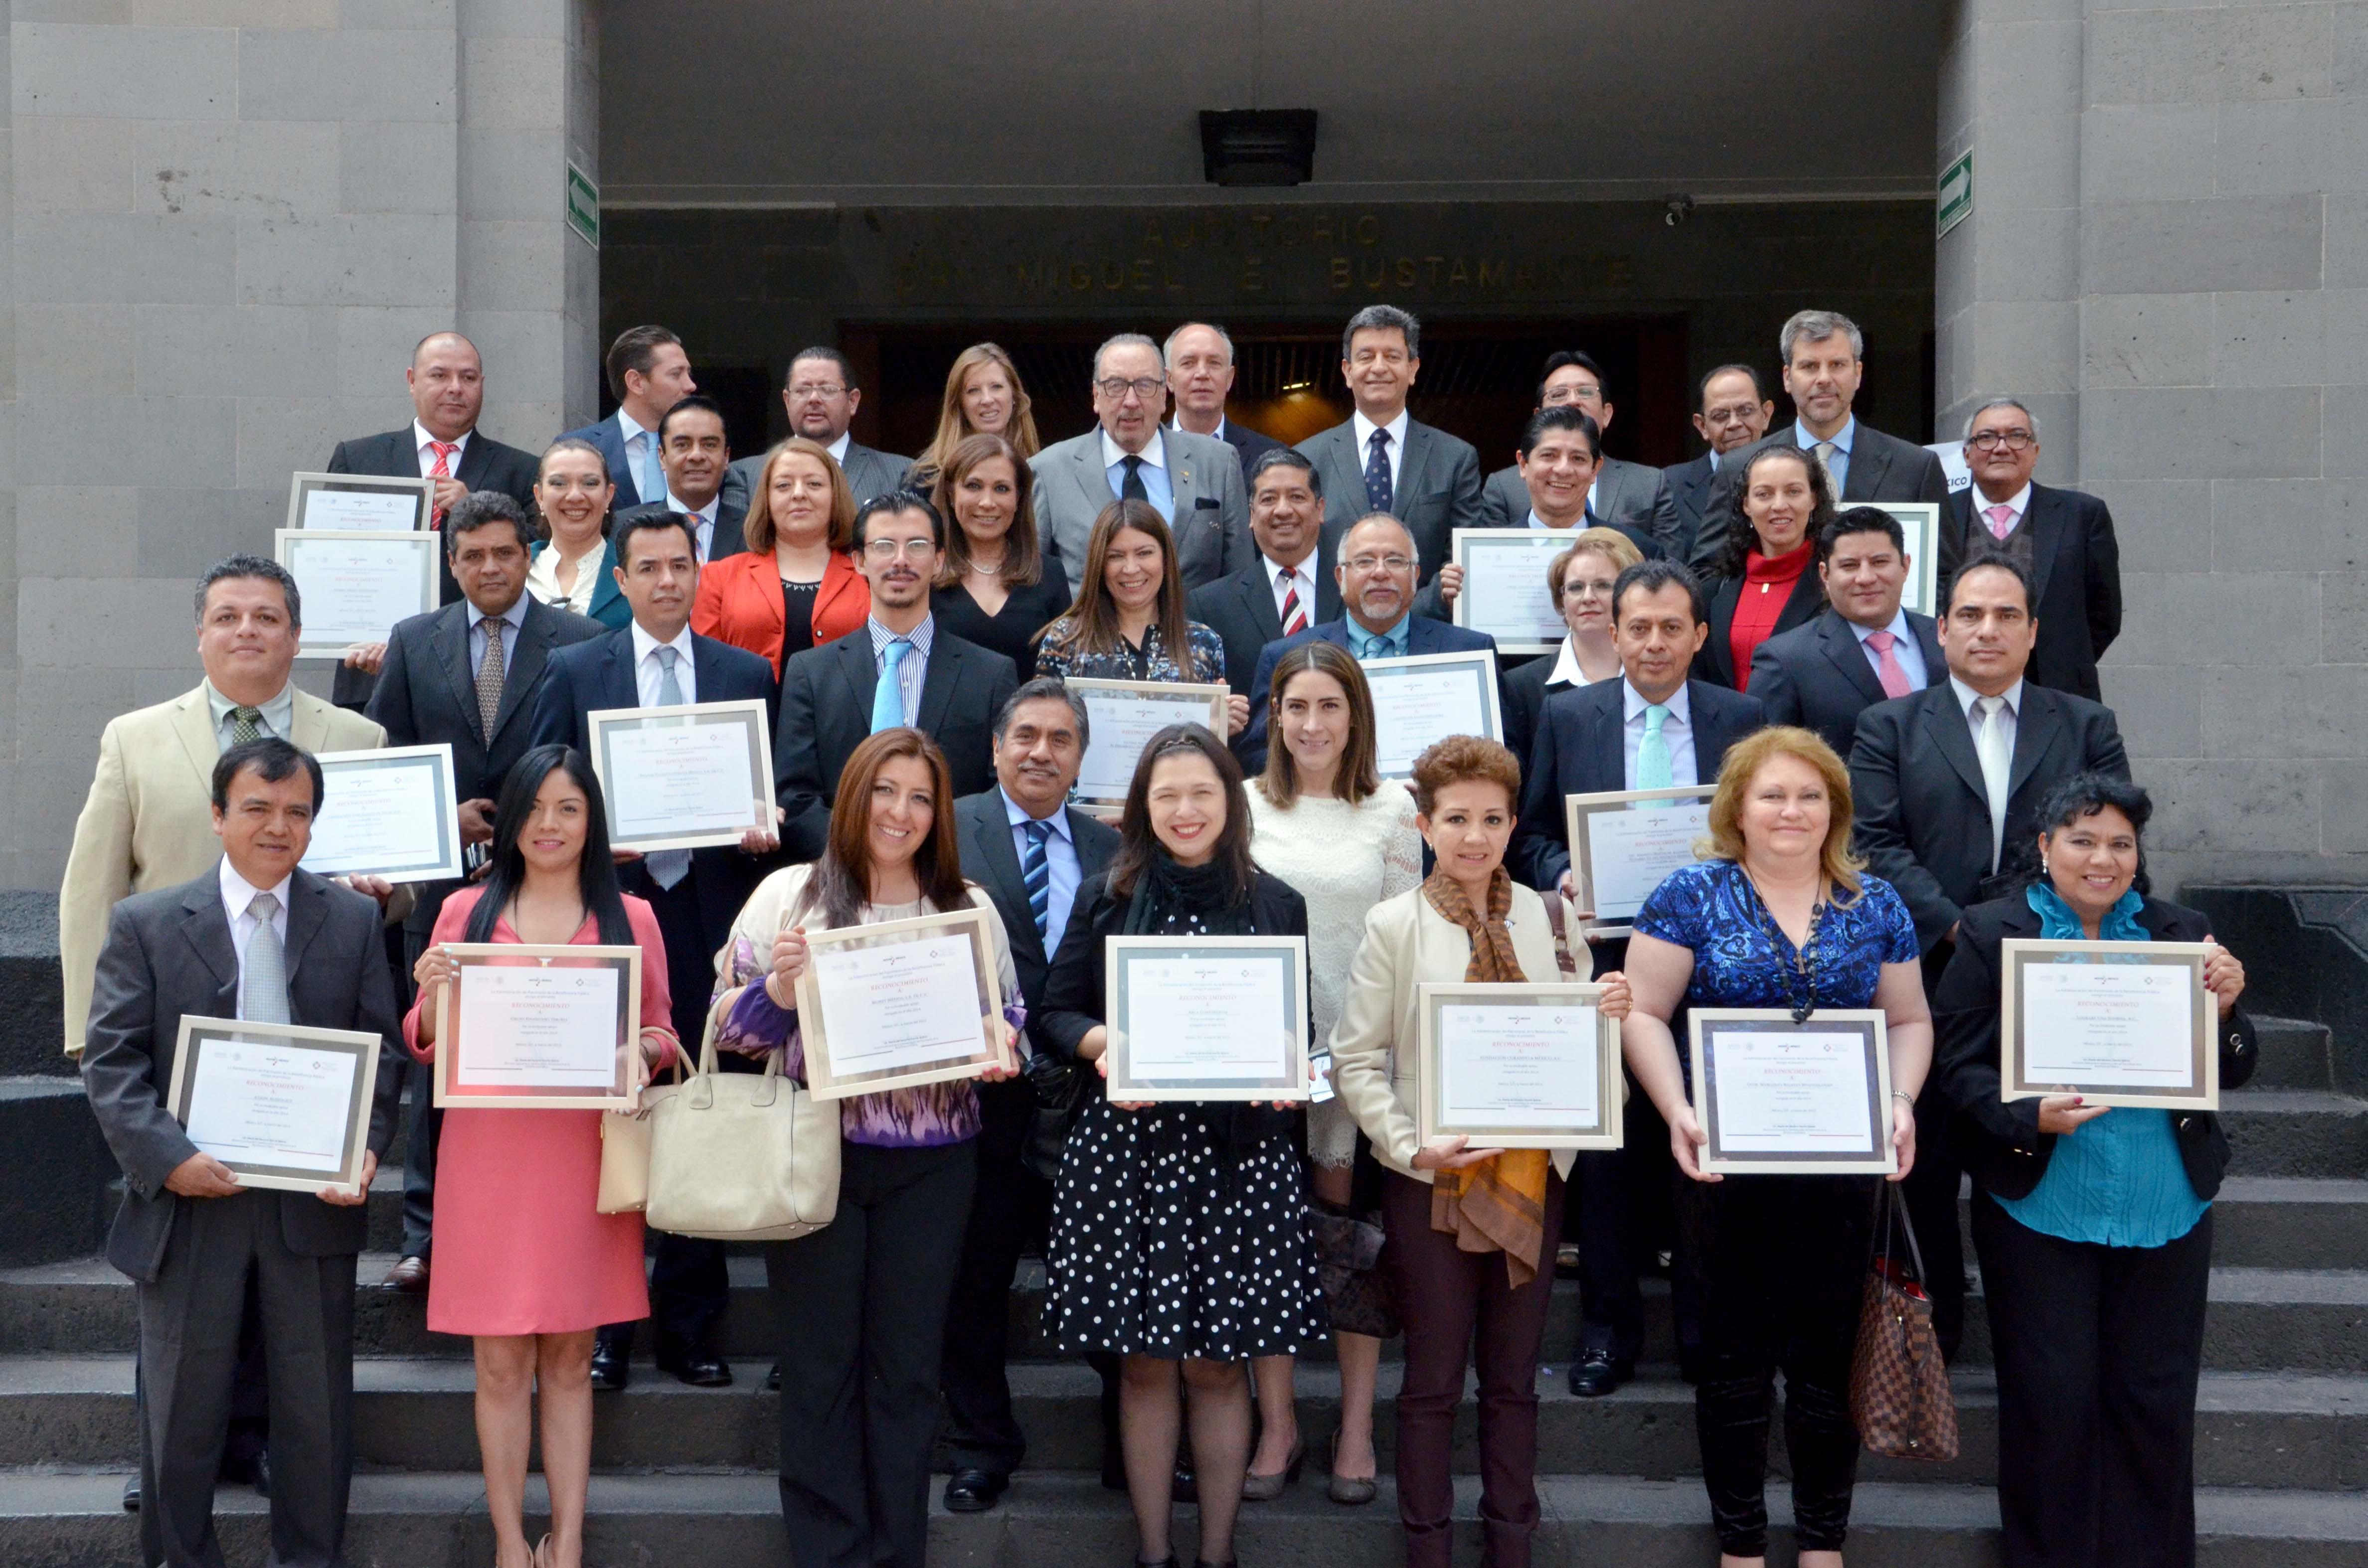 Ceremonia de la Entrega de Reconocimientos a Donadores y Empresas Socialmente Responsables 2014